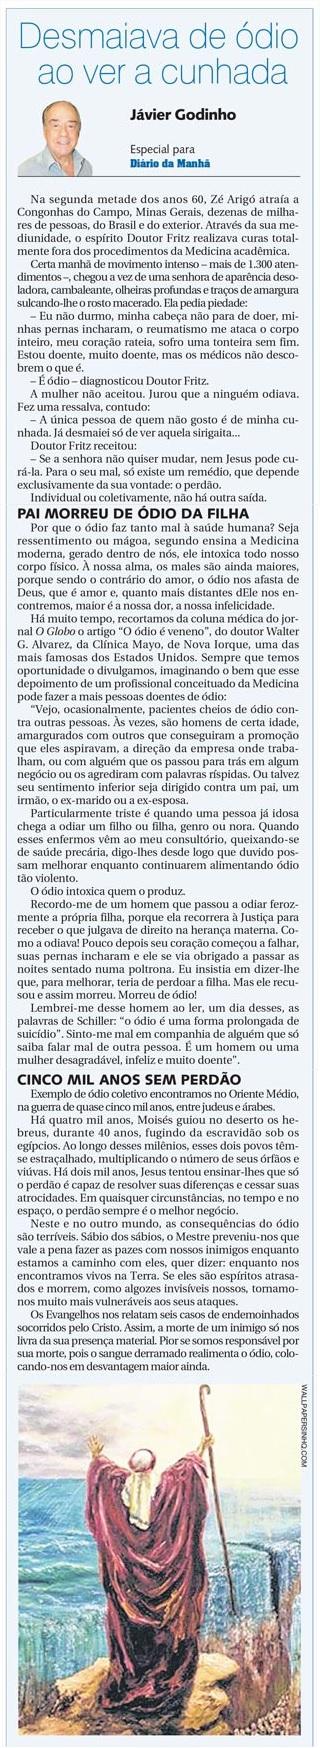 DM 25-06-2014 - Desmaiava de ódio ao ver a cunhada - Jávier Godinho